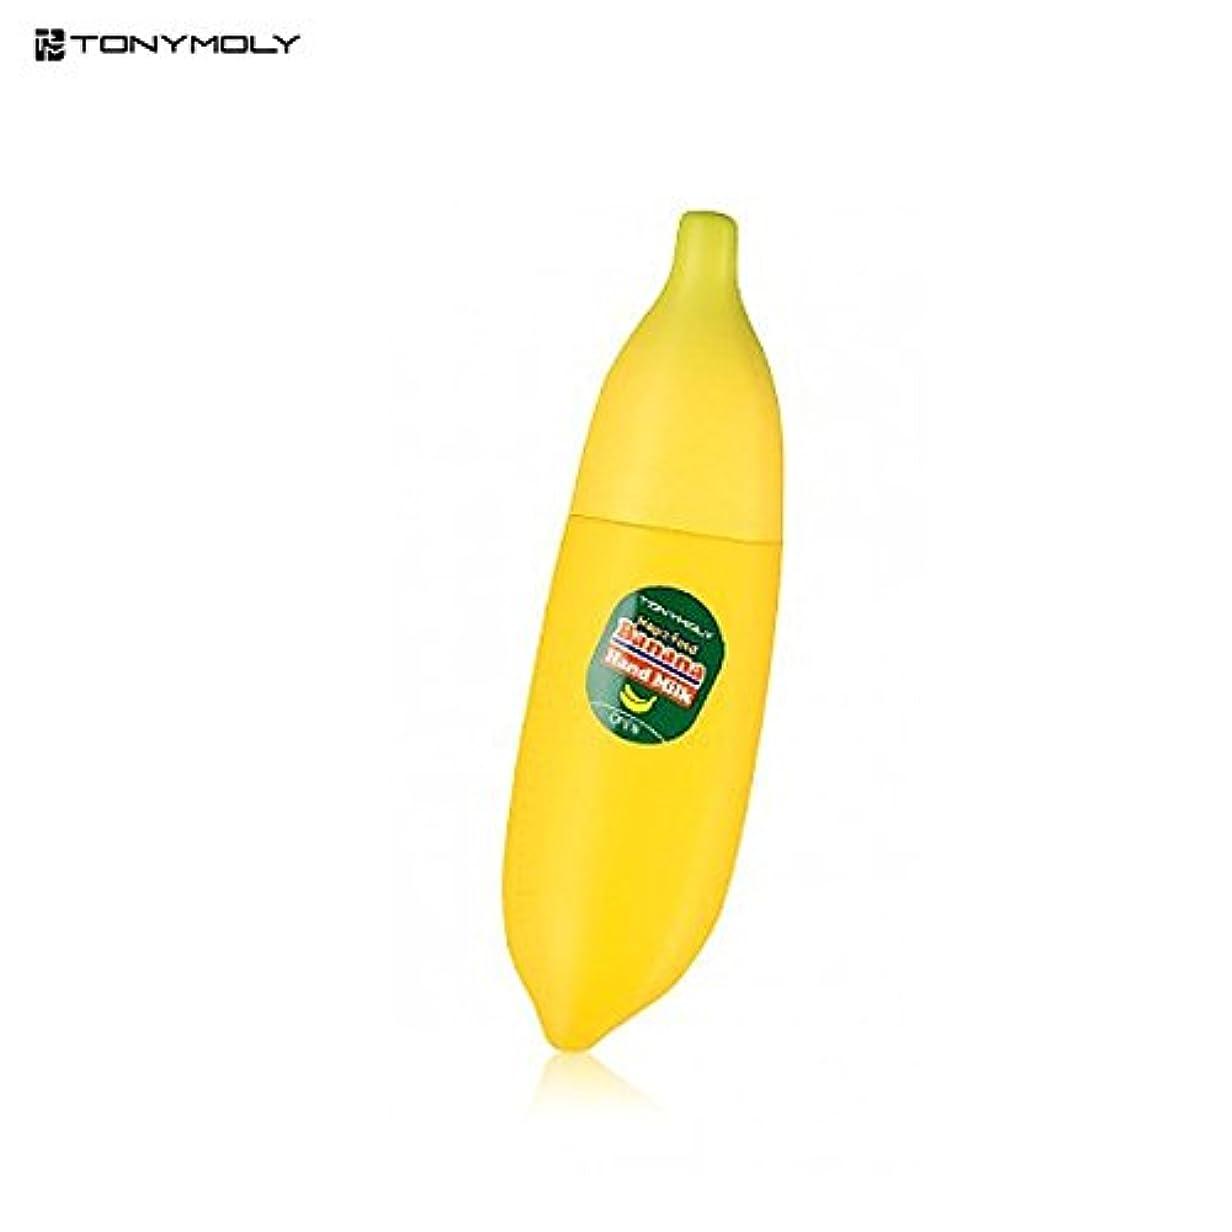 同情強い協力TONYMOLY (トニーモリー) マジックフードバナナハンドクリーム 45ml Magic Food Hand Milk, Hand Cream [並行輸入品]